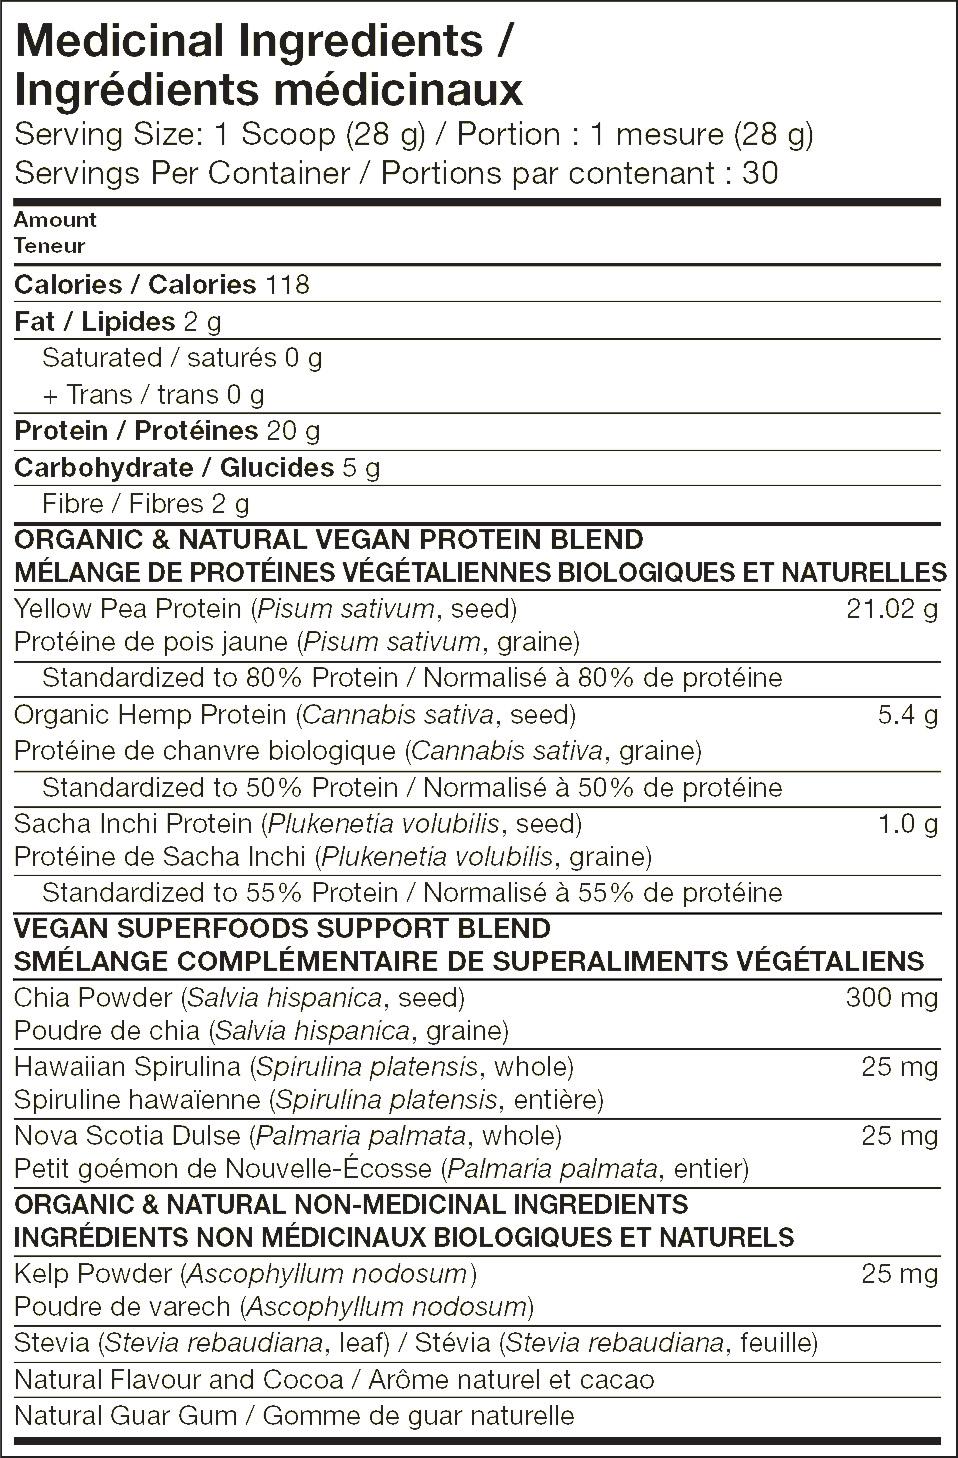 pharma-freak-vegan-freak-chocolate-info.jpg